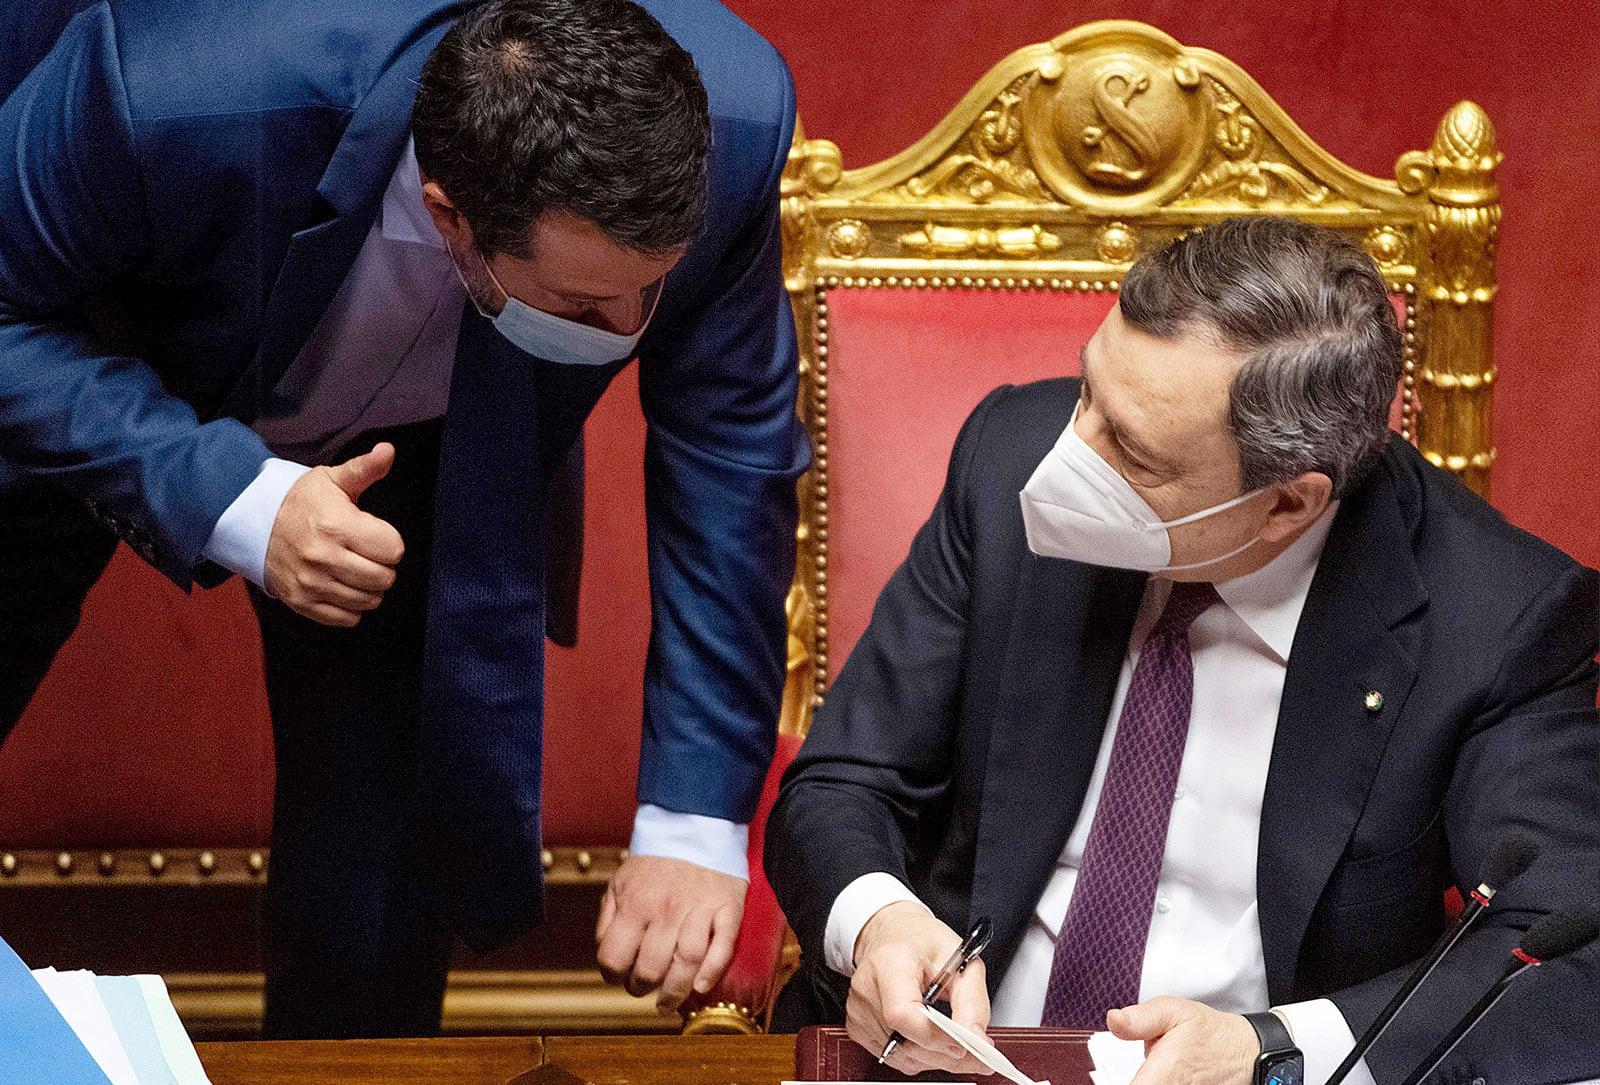 El primer ministre italià, Mario Draghi, conversa amb Matteo Salvini, líder del partit La Lliga Nord, durant un ple del senat a Roma, el 27 d'abril. Fotografia de Maurizio Brambatti. Efe.